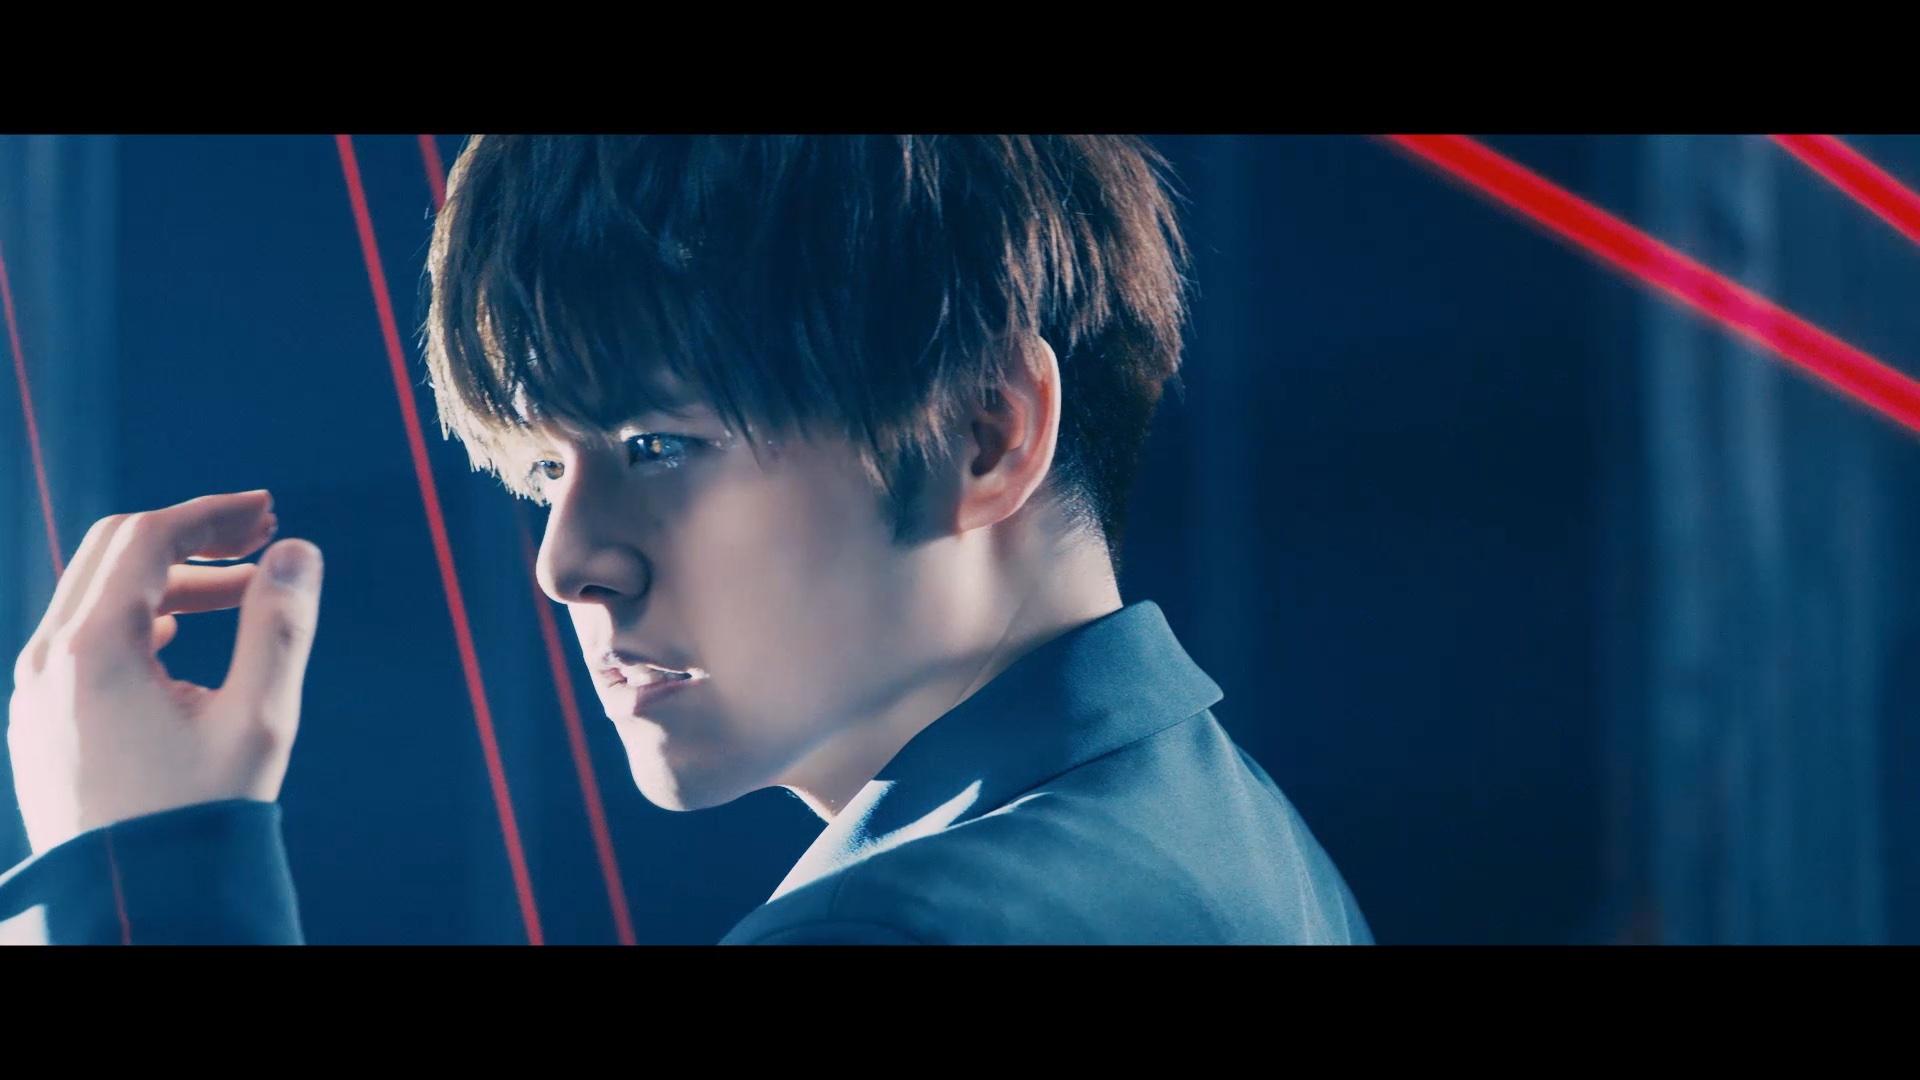 内田雄馬さん最新シングル「Comin' Back」MUSIC VIDEO 解禁! レーザー駆使したスタイリッシュな仕上がりに